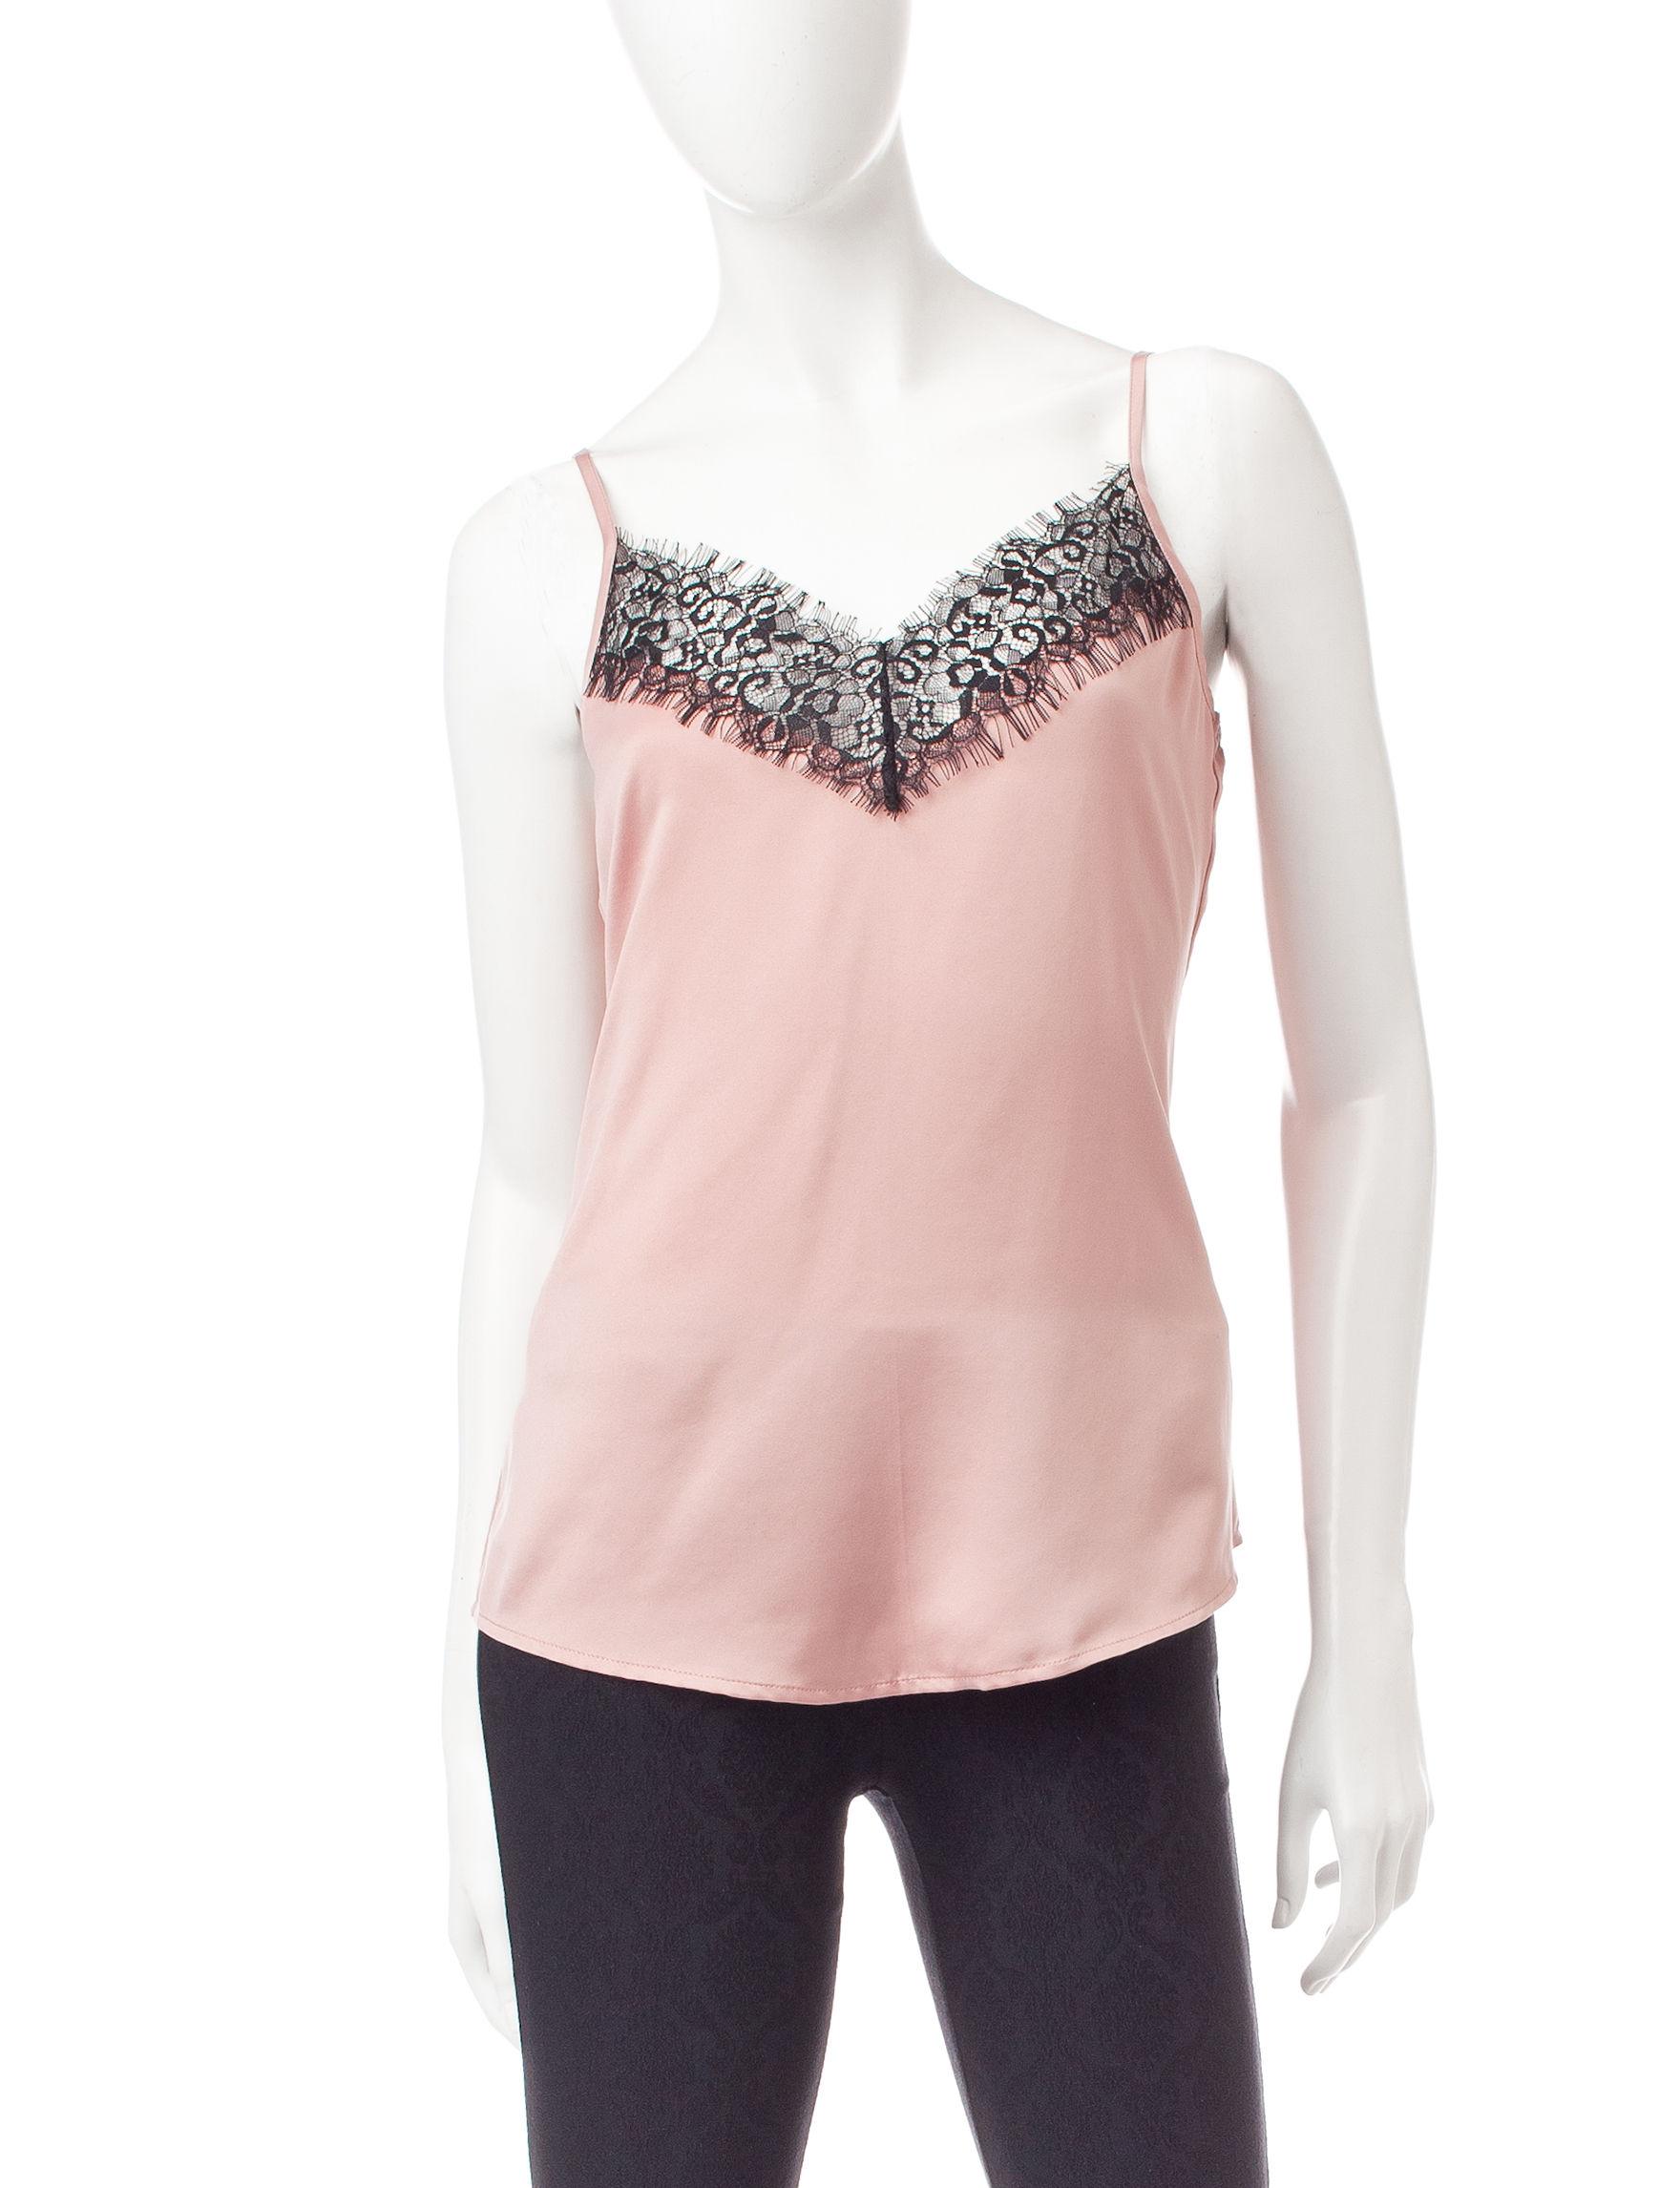 Heart Soul Rose Shirts & Blouses Tees & Tanks